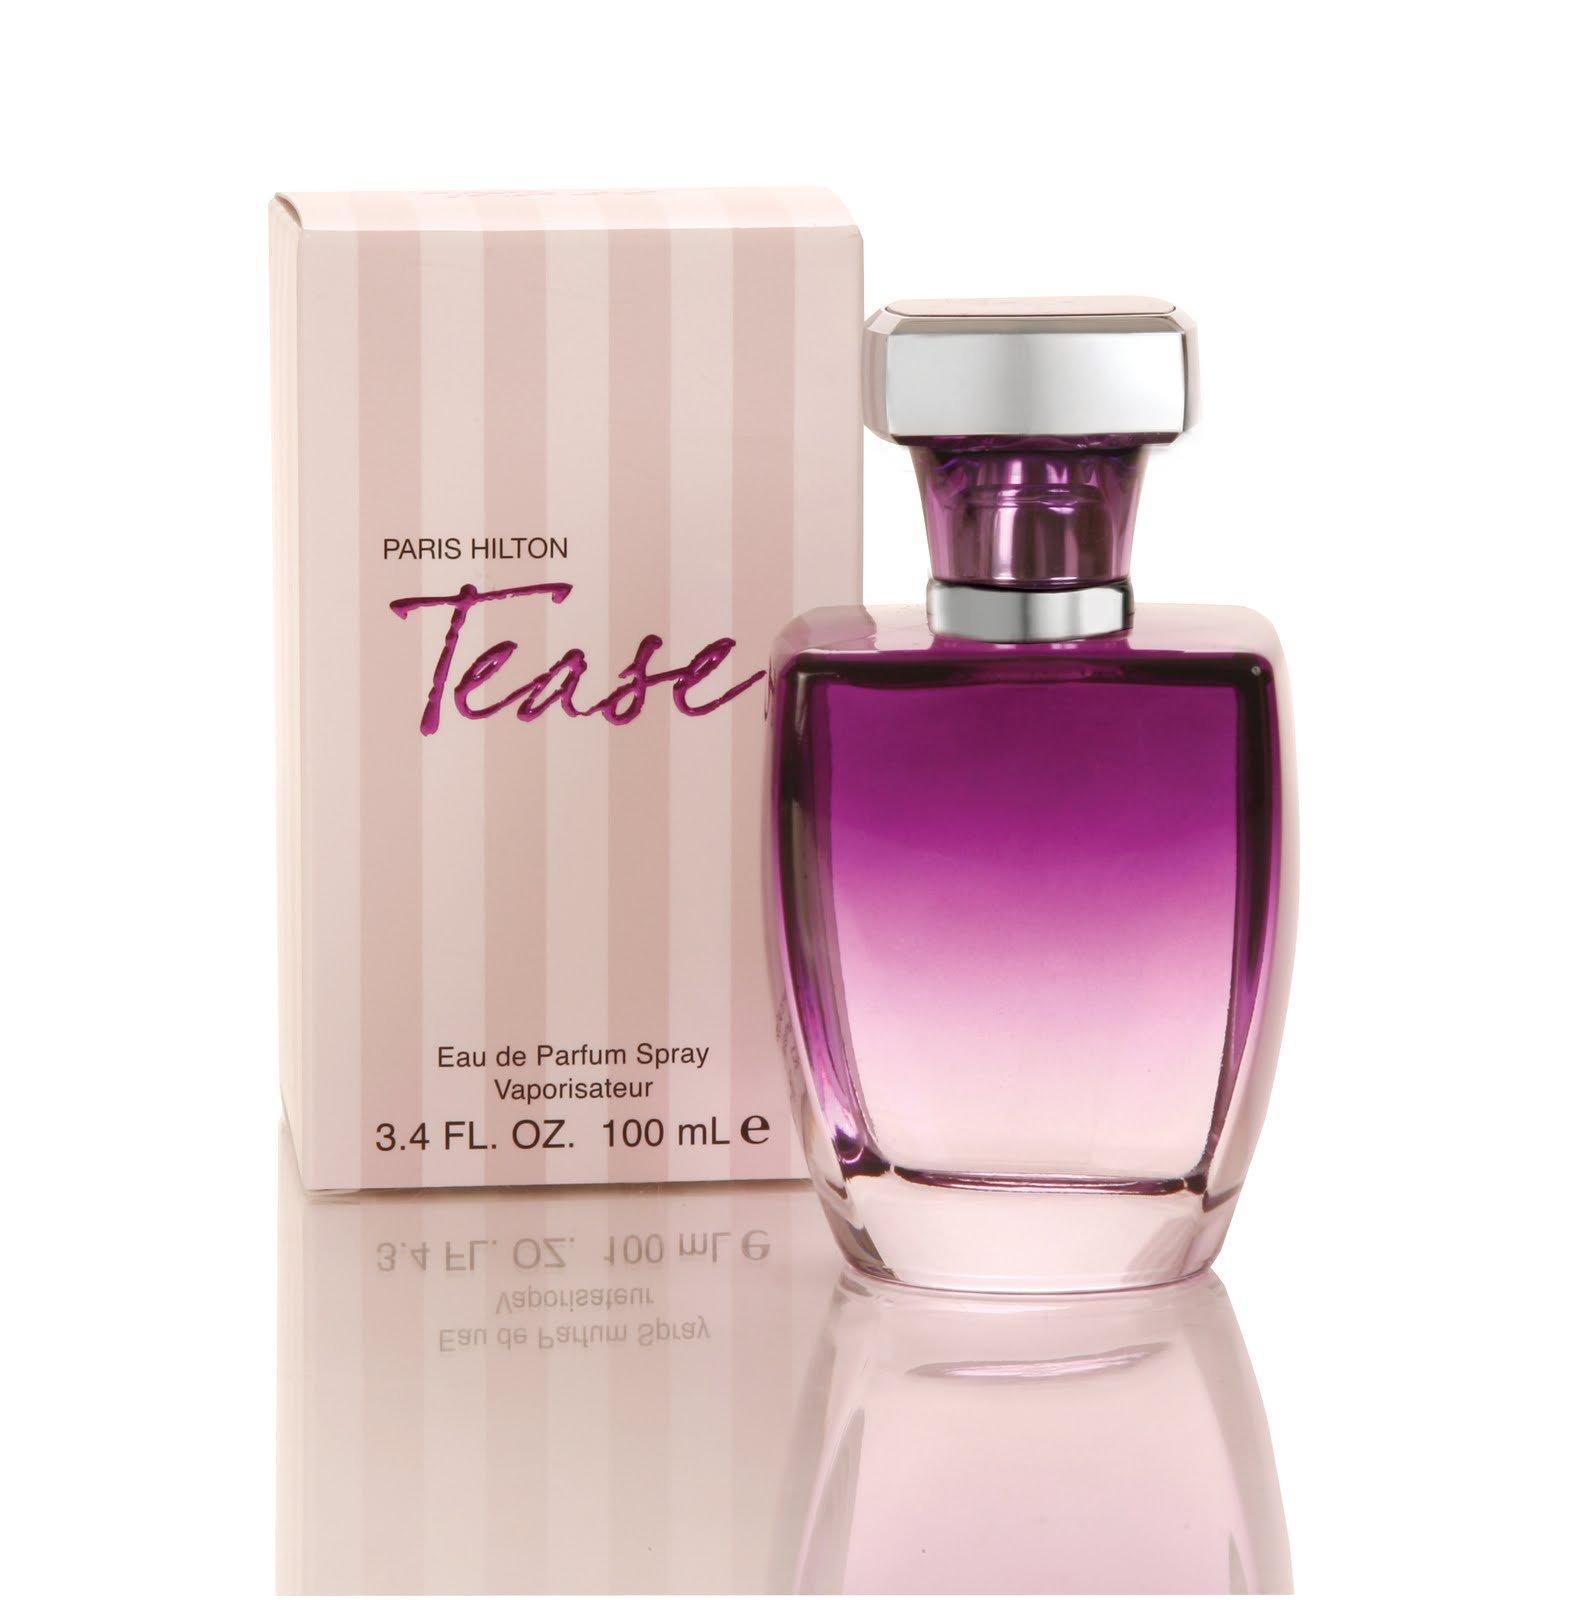 f465d4d87 Amazon.com : Tease By Paris Hilton Eau De Parfum Spray, 3.4-Ounce : Paris  Hilton Perfume : Beauty